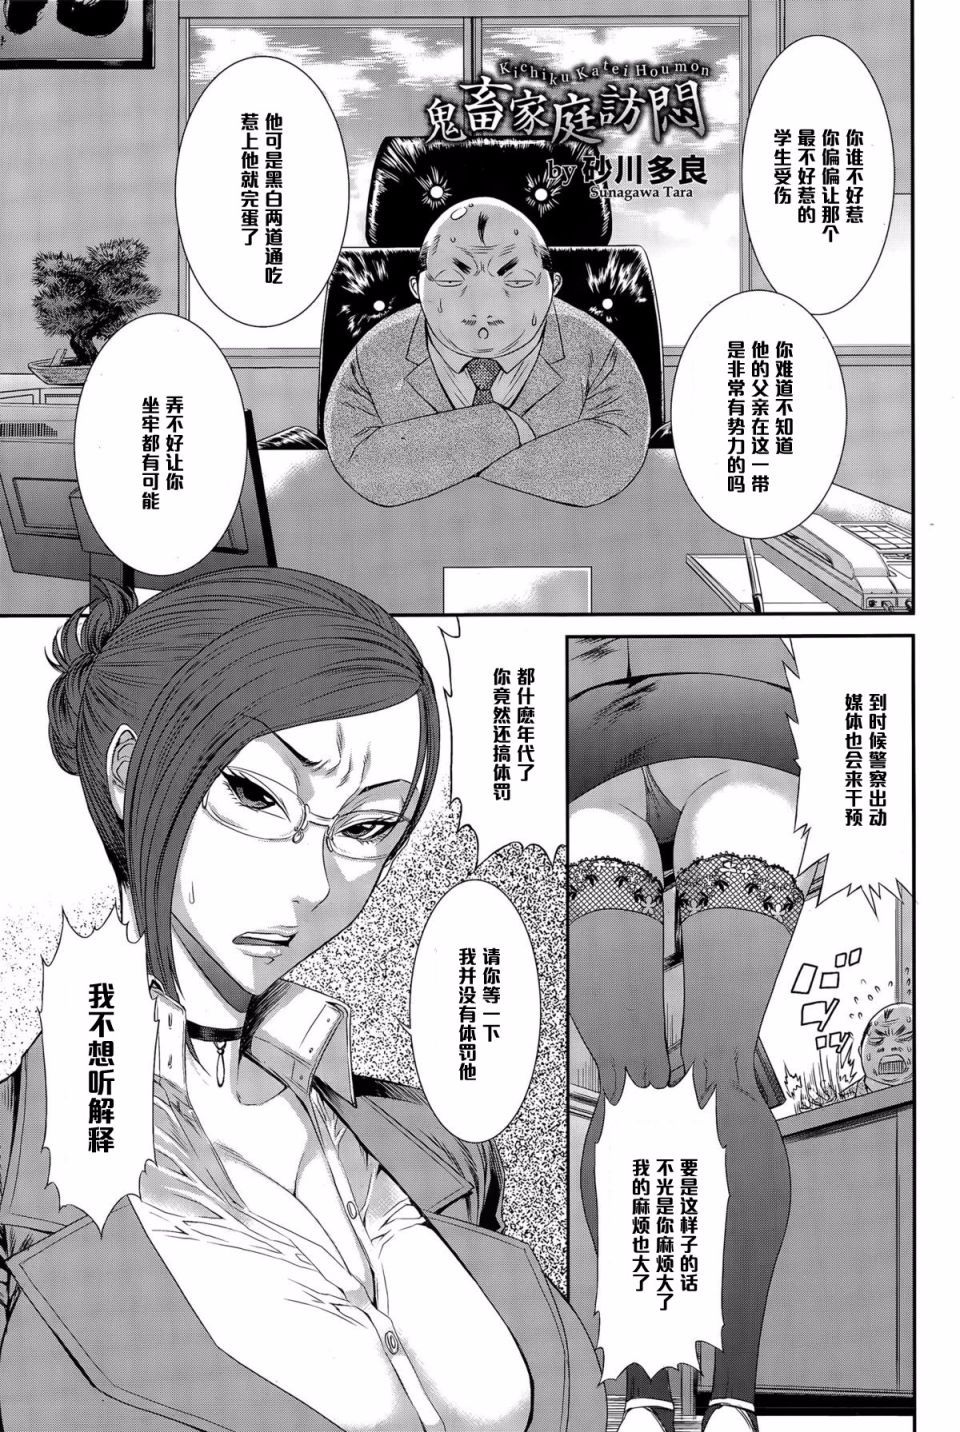 [砂川多良] 鬼畜家庭訪悶【黑條漢化】(20P) - 情色卡漫 -